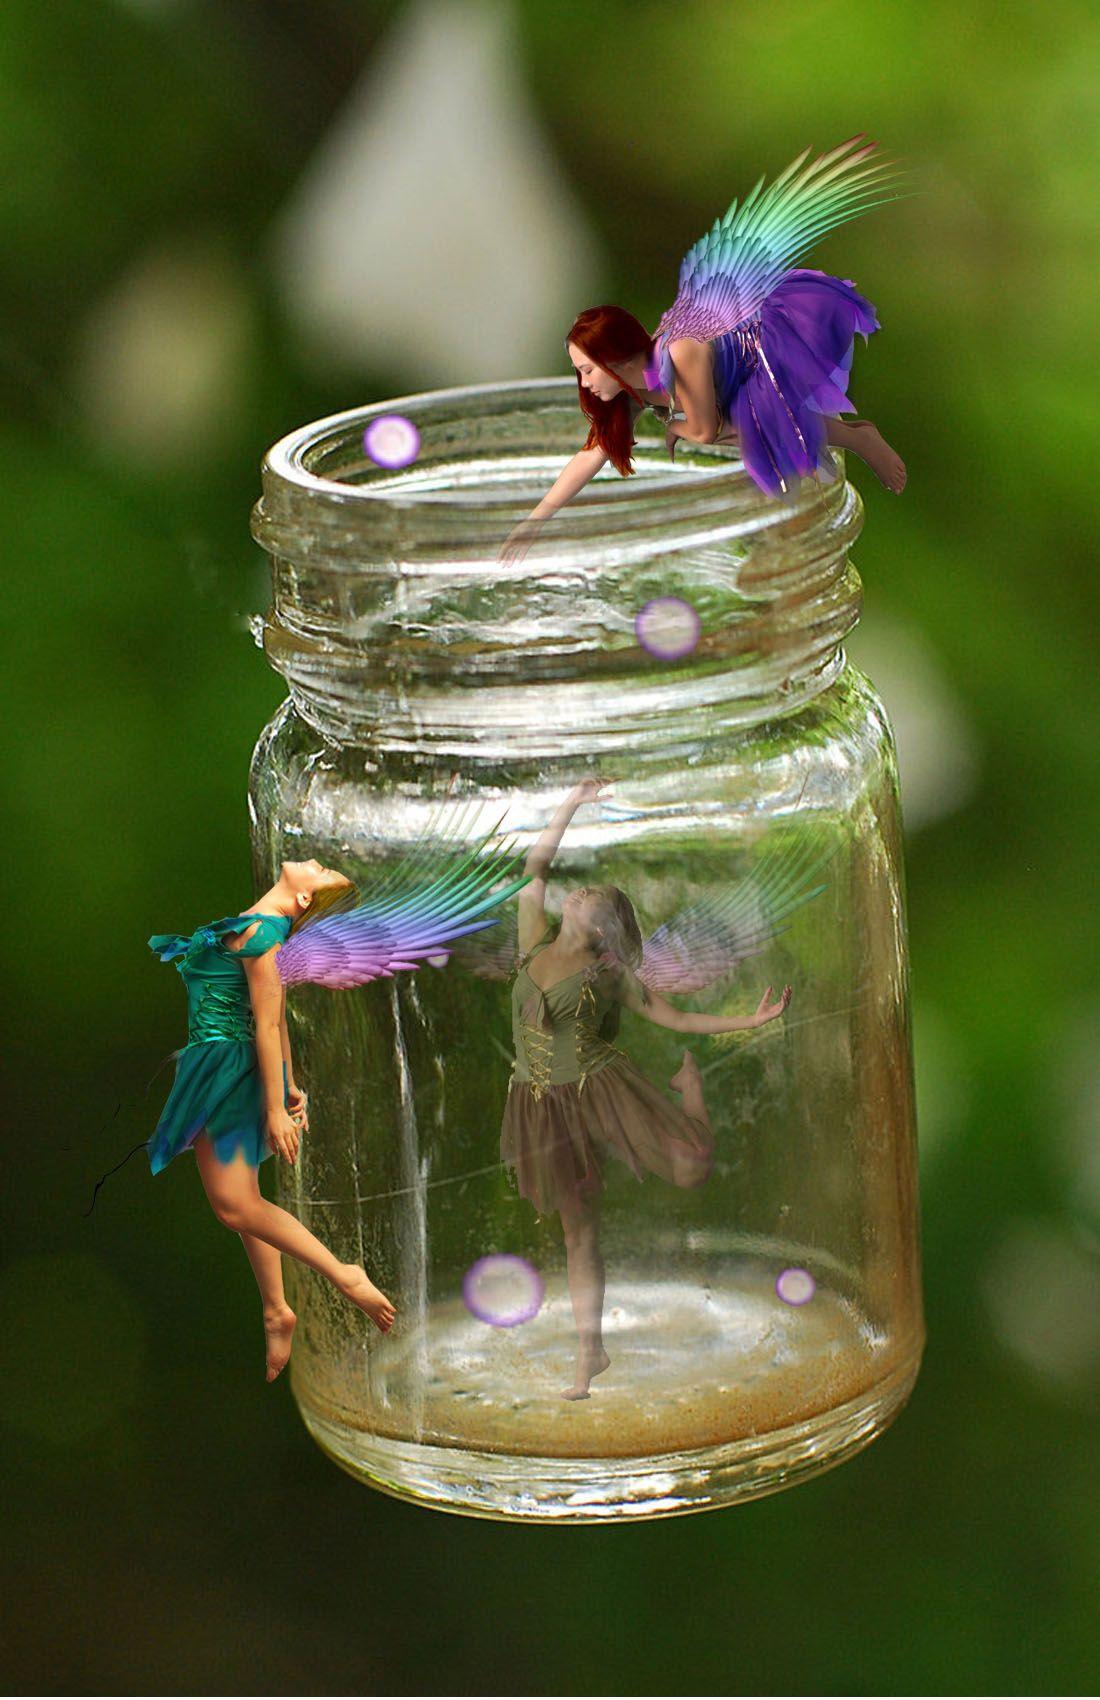 Fairy jar | Fairy | Pinterest  Fairy jar | Fai...